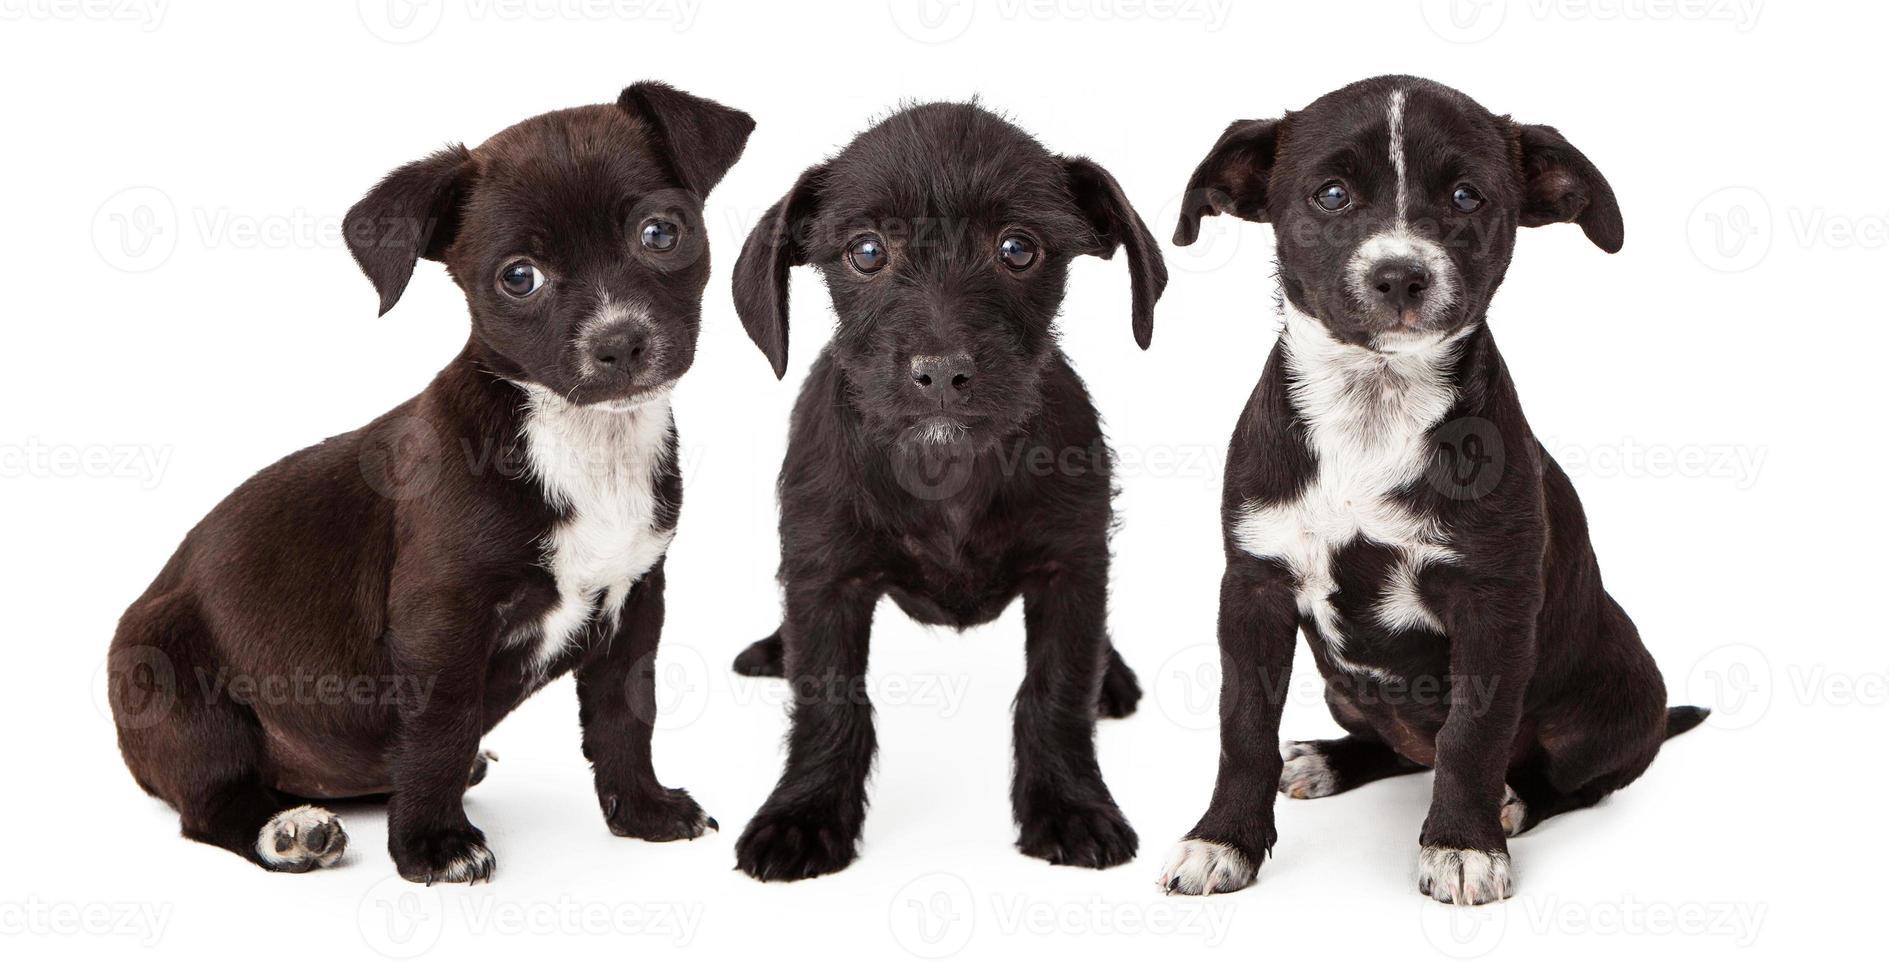 drie zwart-witte pups foto